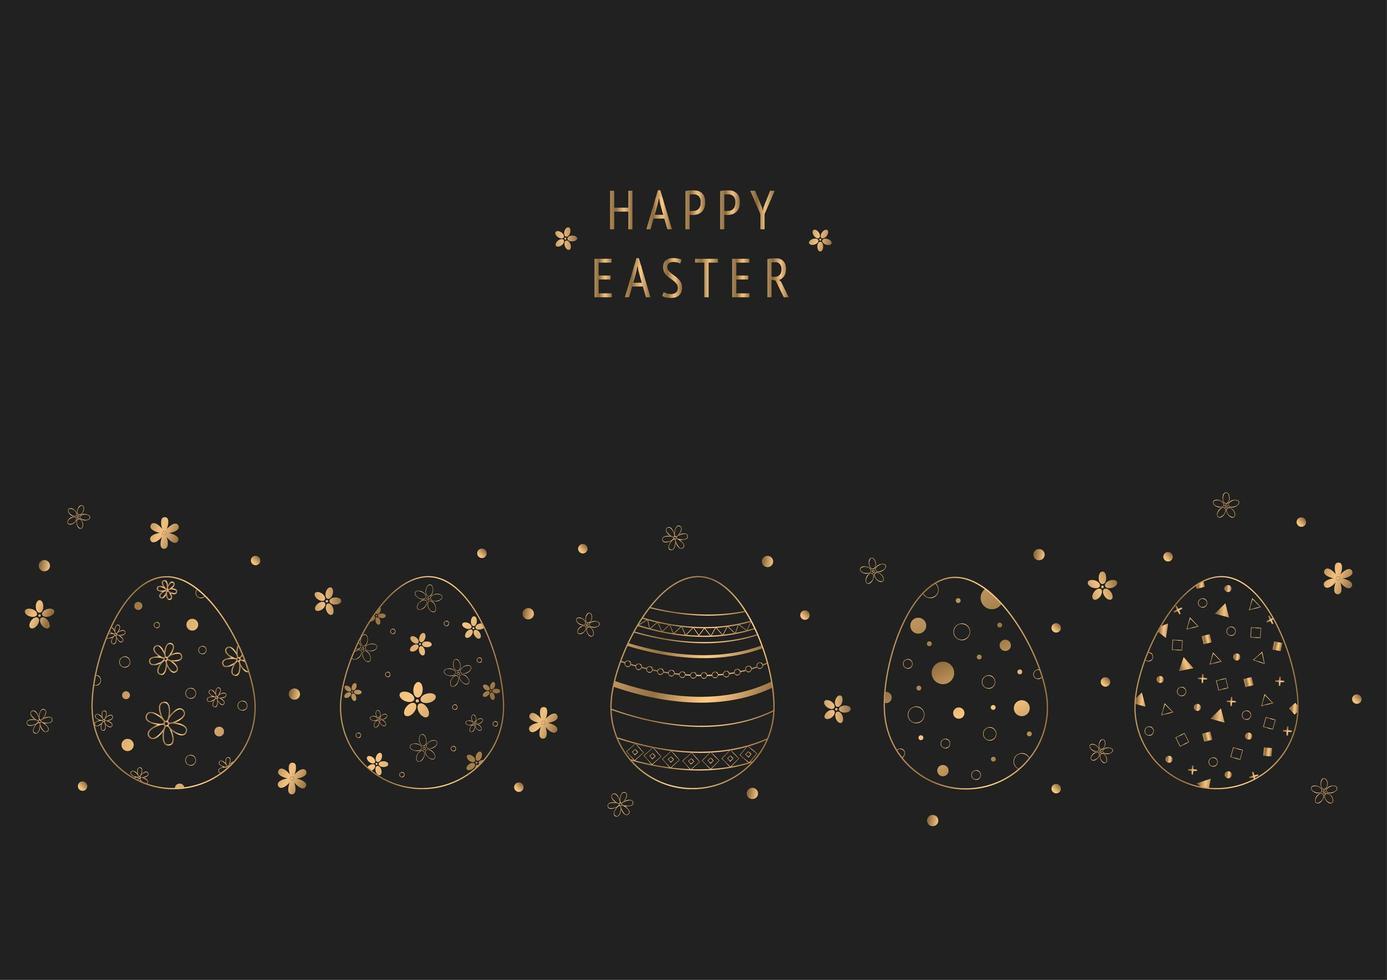 scuro felice pasqua design con contorno dorato uova fantasia vettore